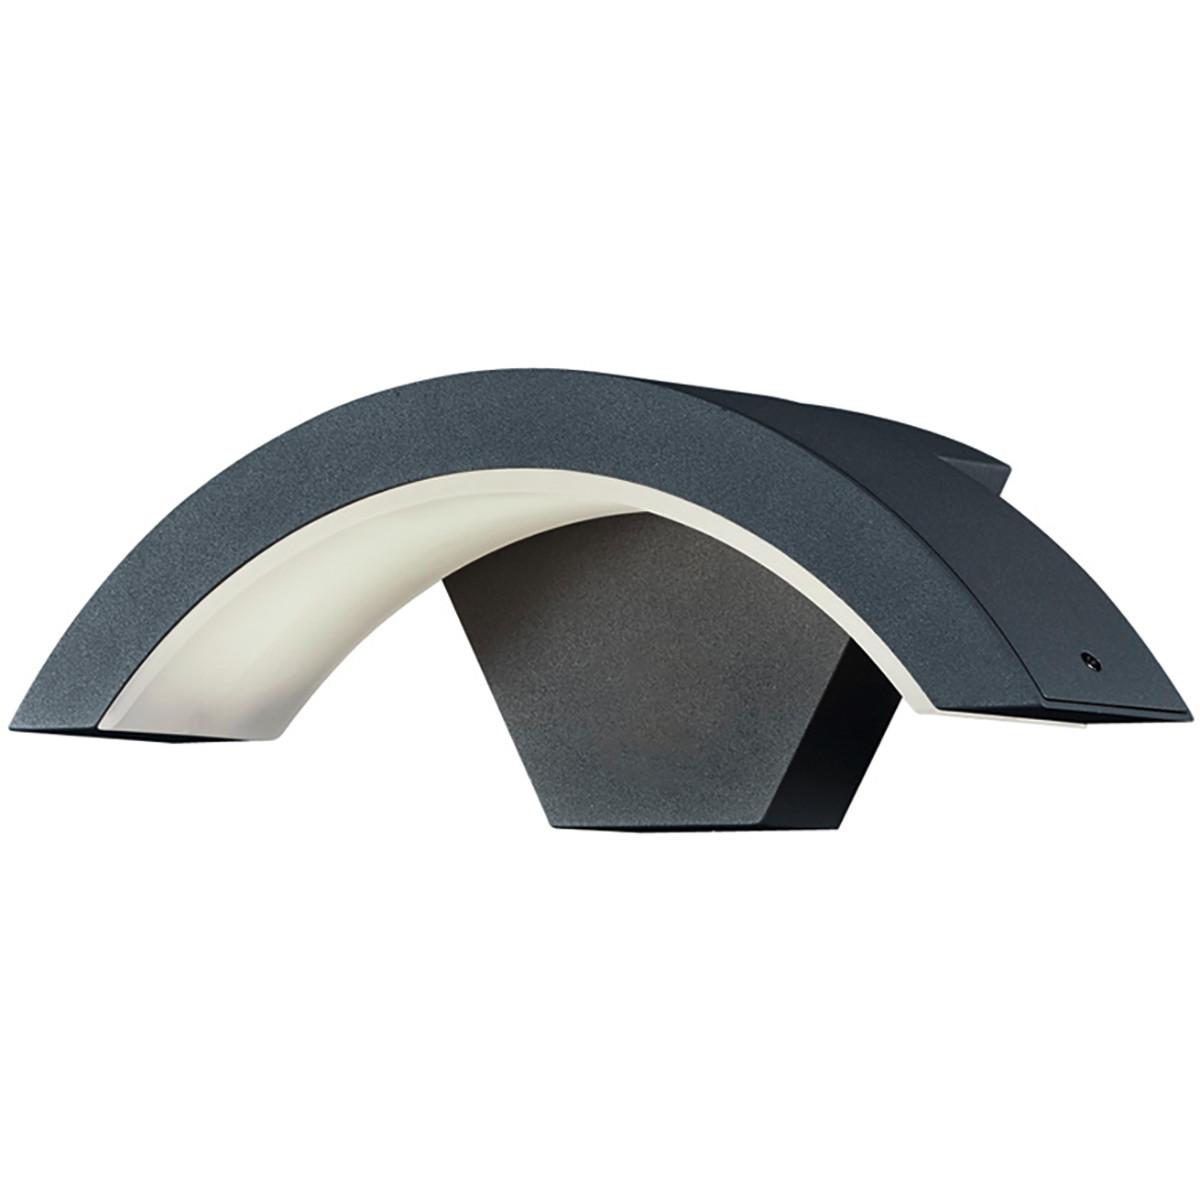 LED Tuinverlichting - Tuinlamp - Trion Hiarlon - Wand - 6W - Mat Zwart - Aluminium